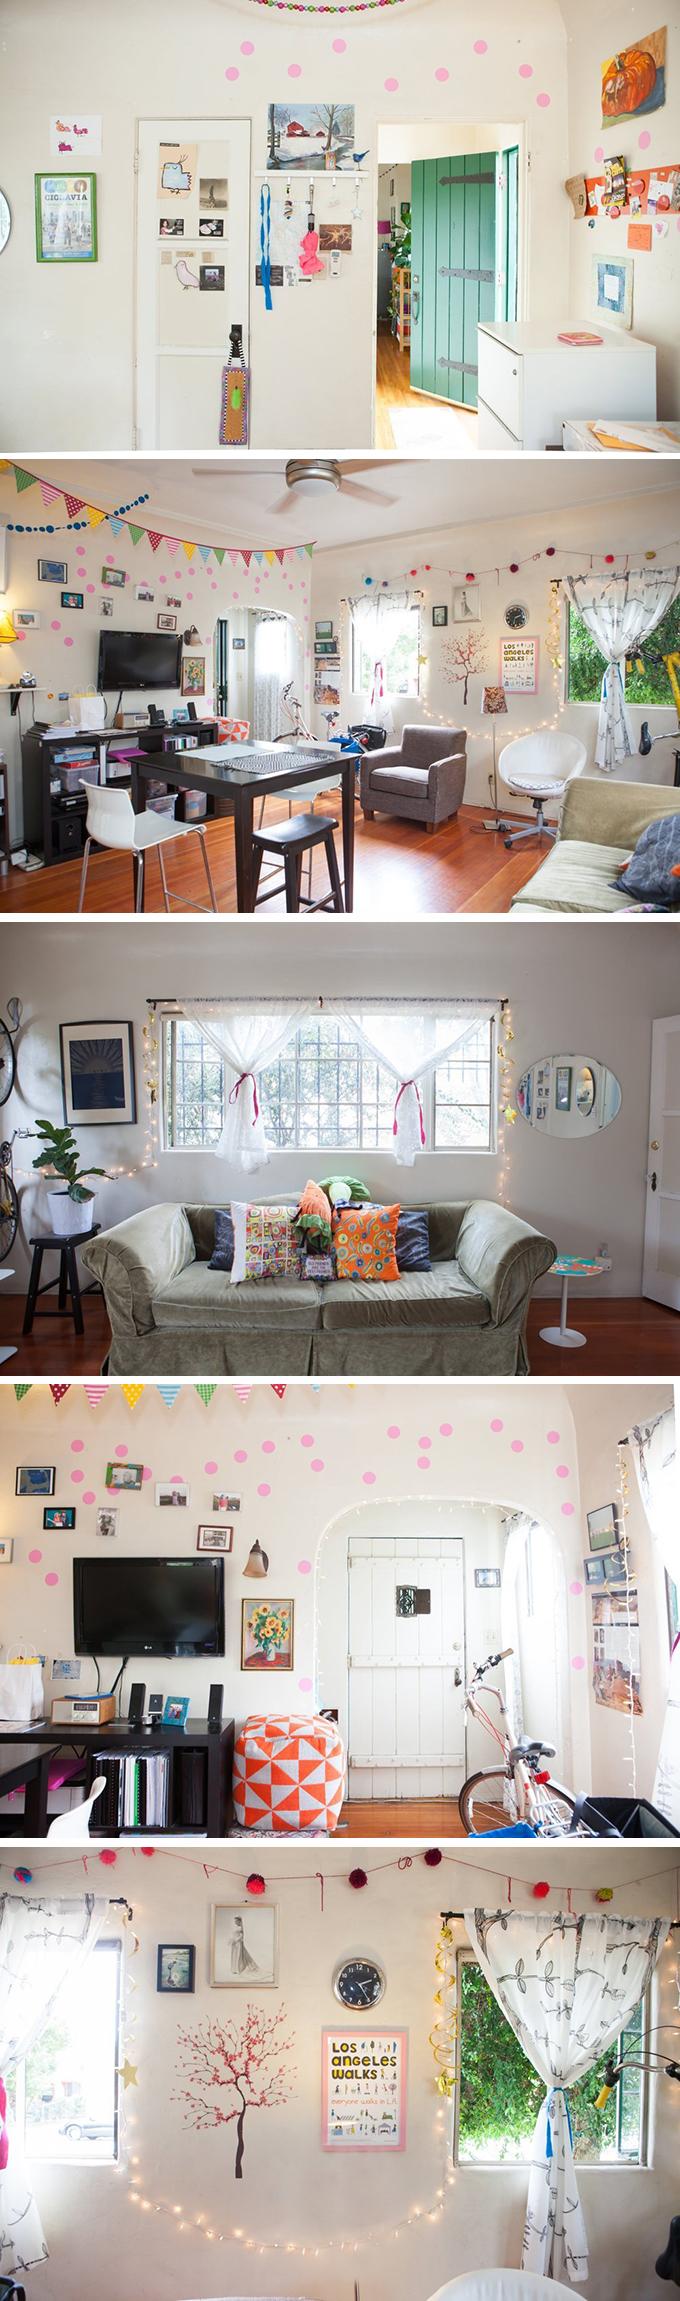 casa bonita 1